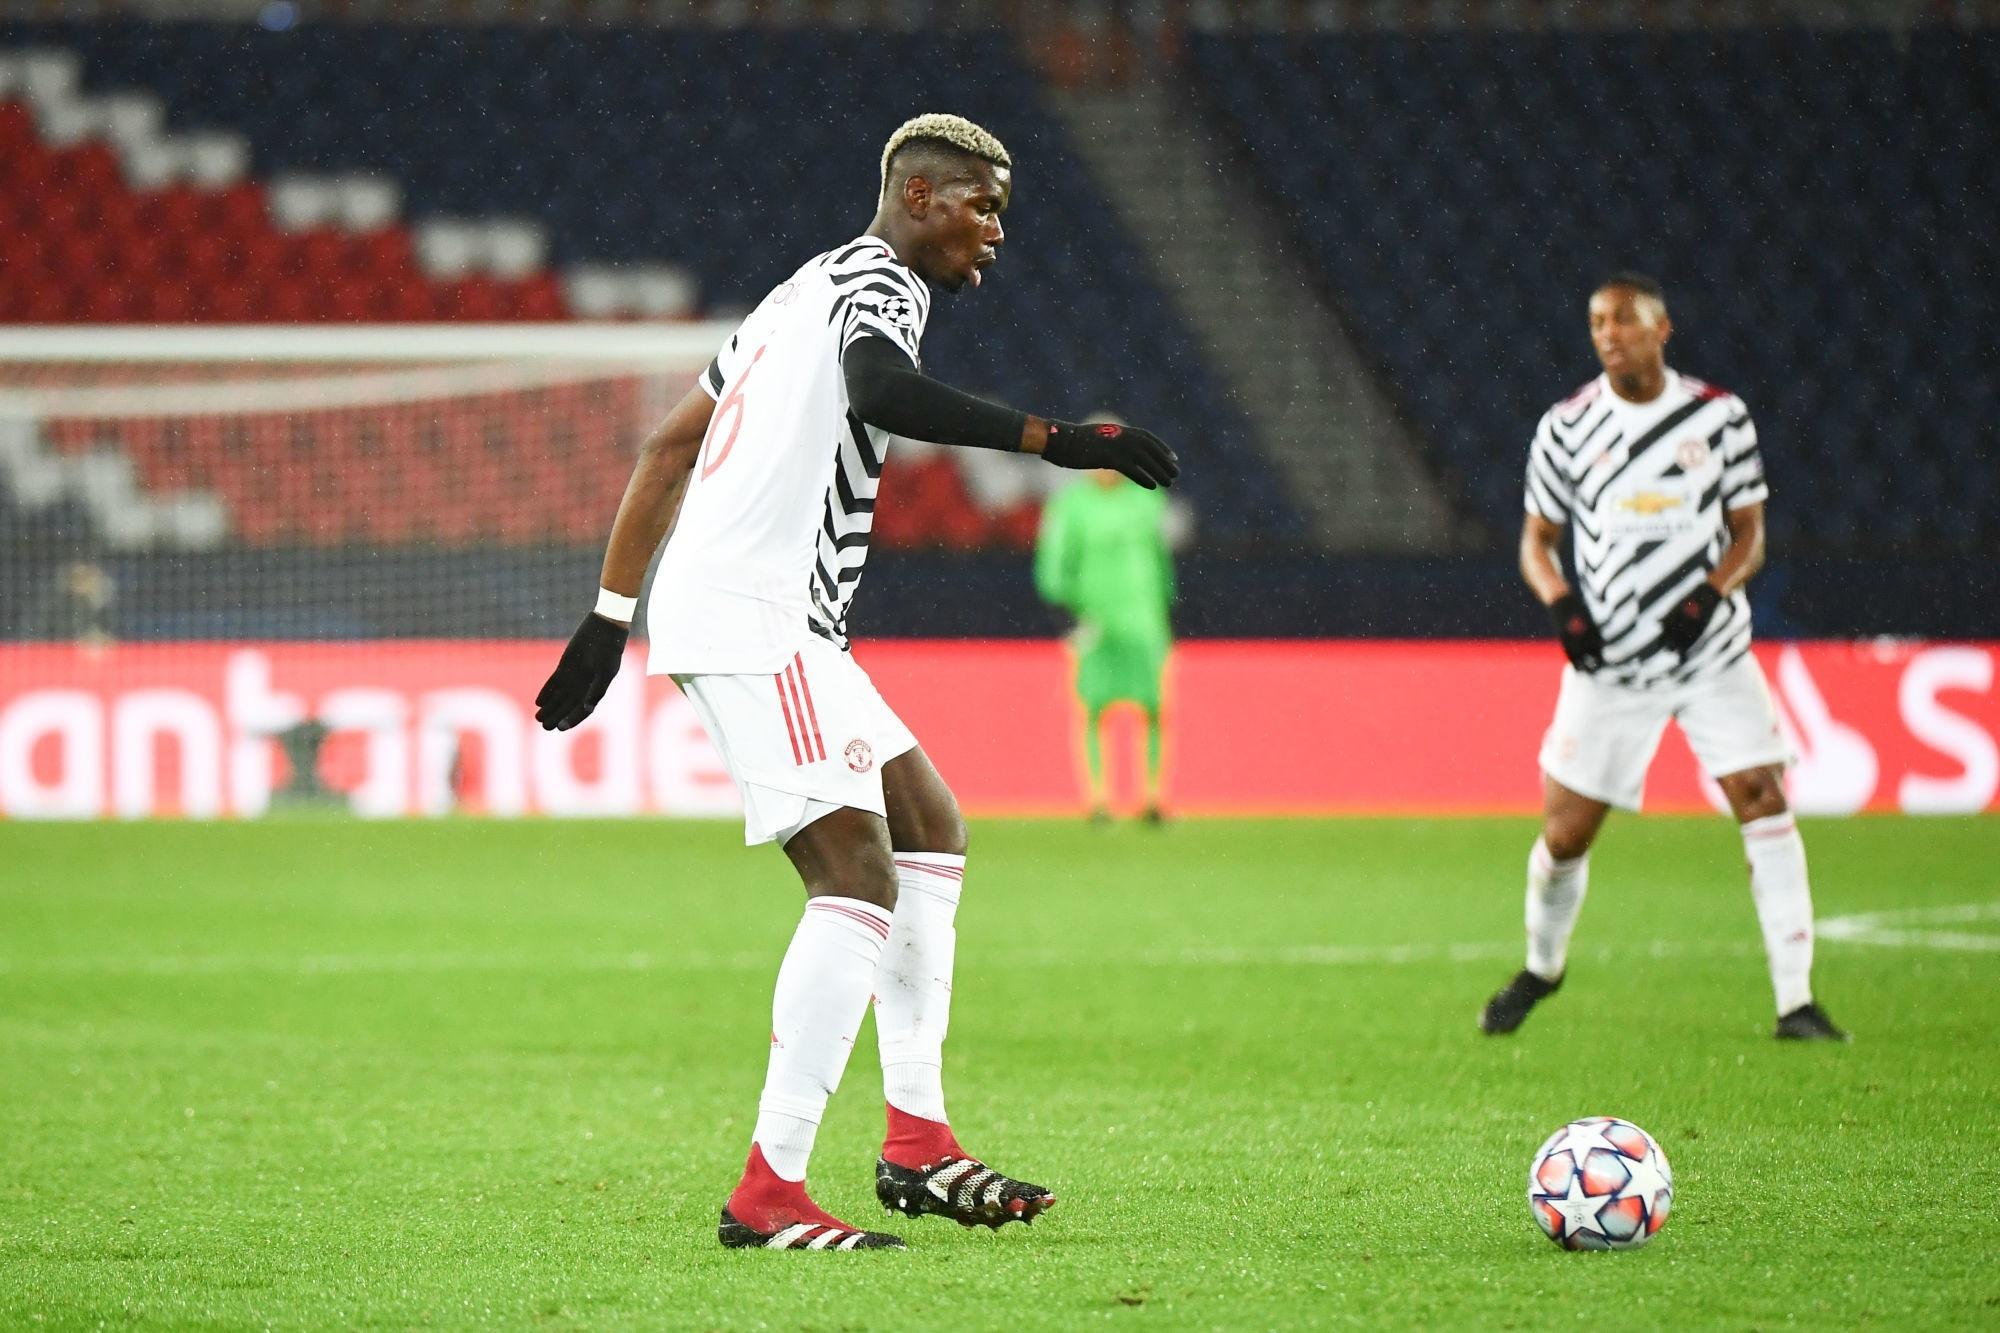 Mercato - Le PSG est à l'affût pour un transfert de Pogba, indique Le Parisien